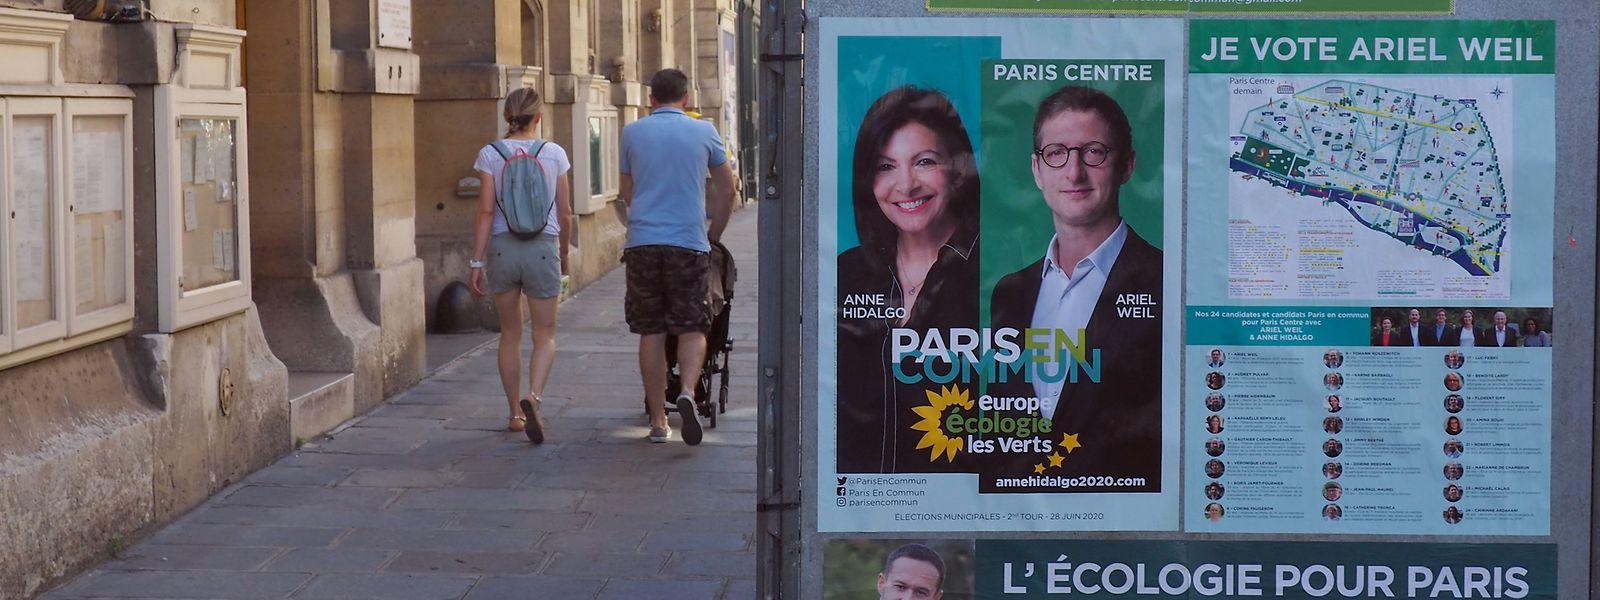 Wahlkampfplakate für die Kommunalwahl stehen im zweiten Pariser Stadtbezirk vor dem Bezirksrathaus. Auf einem Plakat ist unter anderen die sozialistische Bürgermeisterin Anne Hidalgo zu sehen, die gute Chancen für ein zweites Mandat hat.